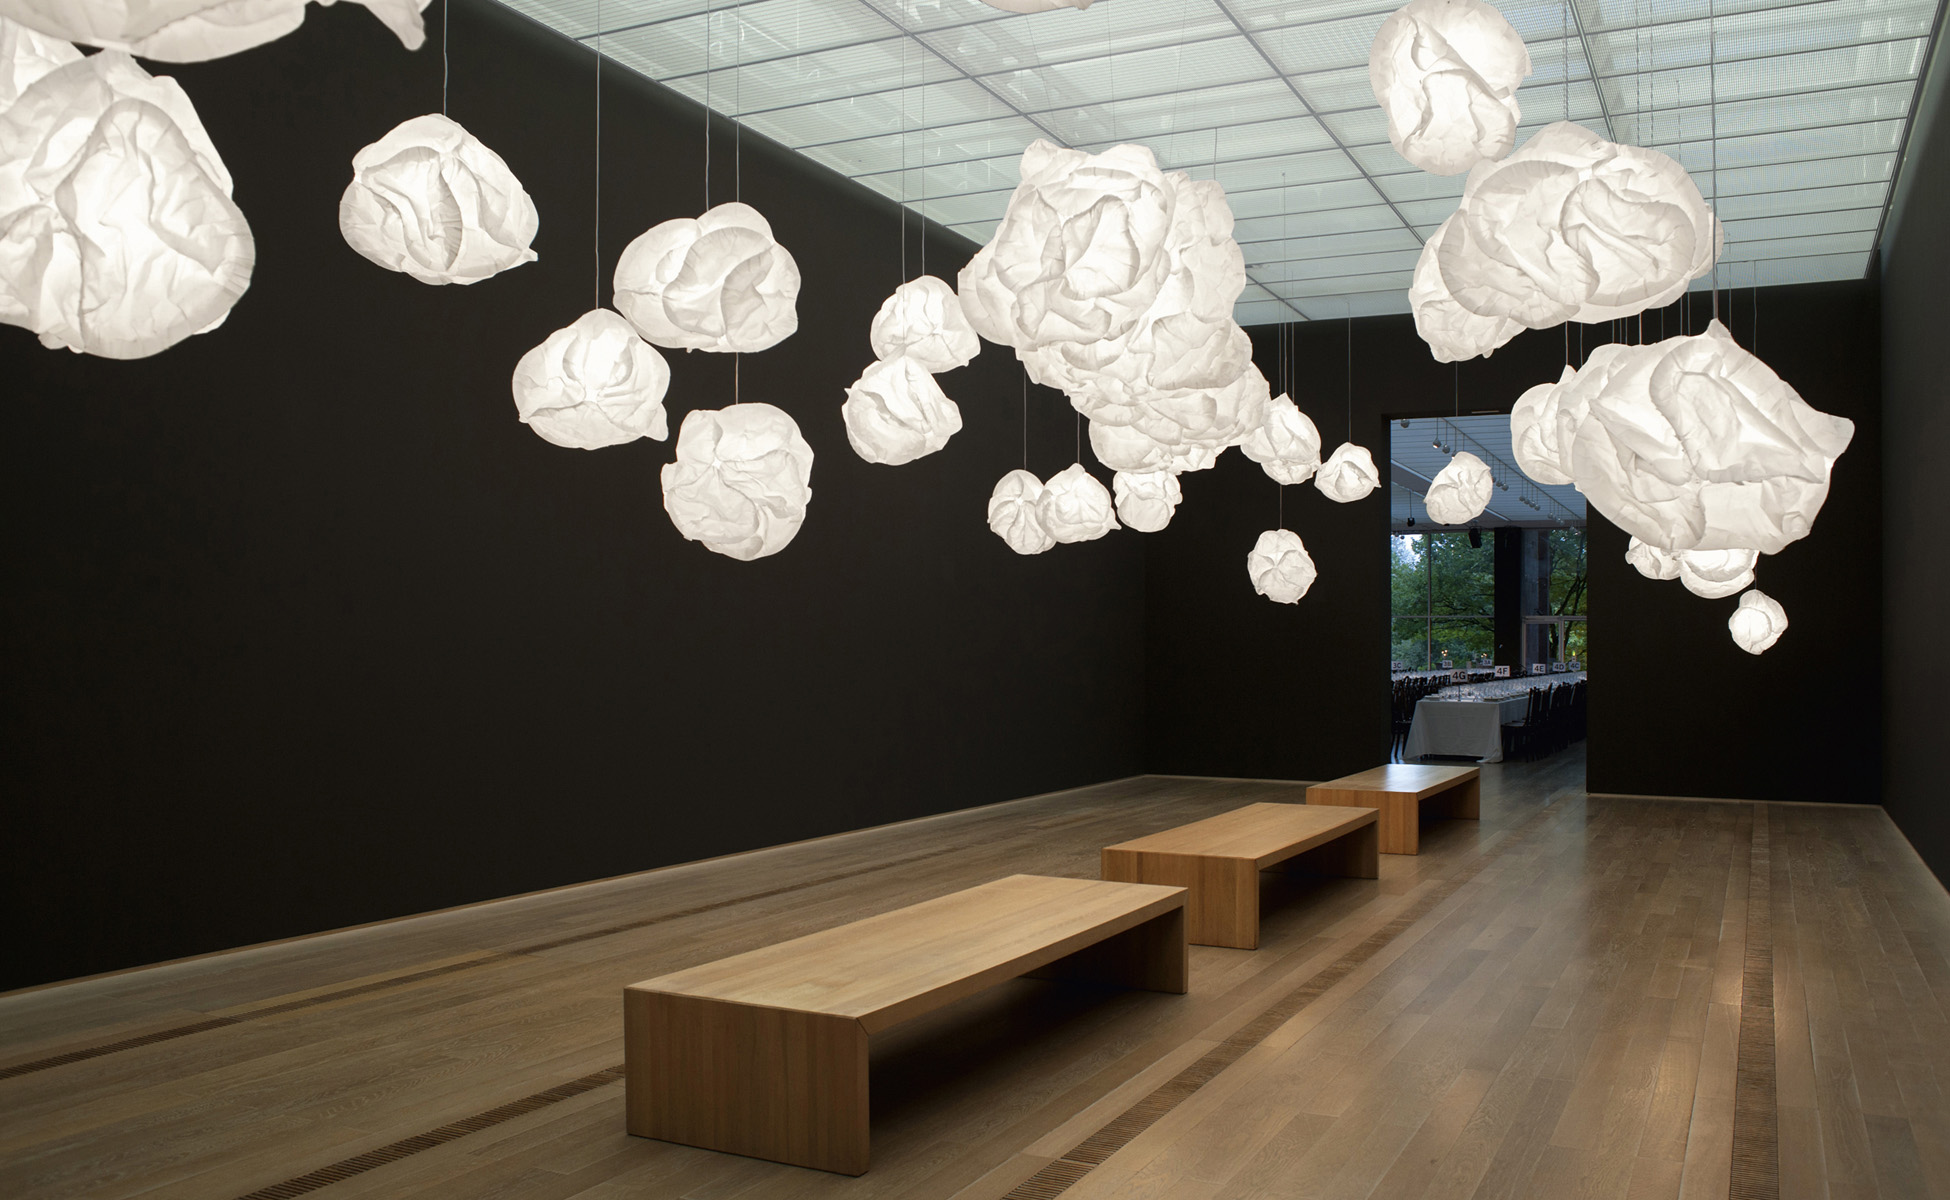 belux cloud leuchte by steidten+ in berlin